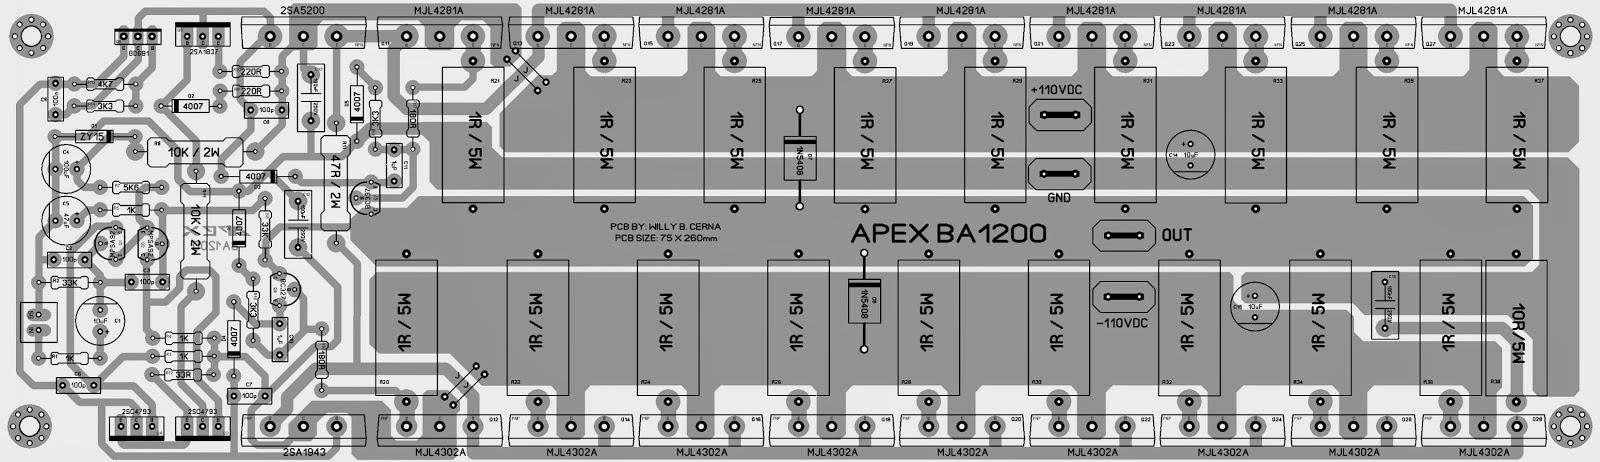 layout pcb power amplifier 2000 watt